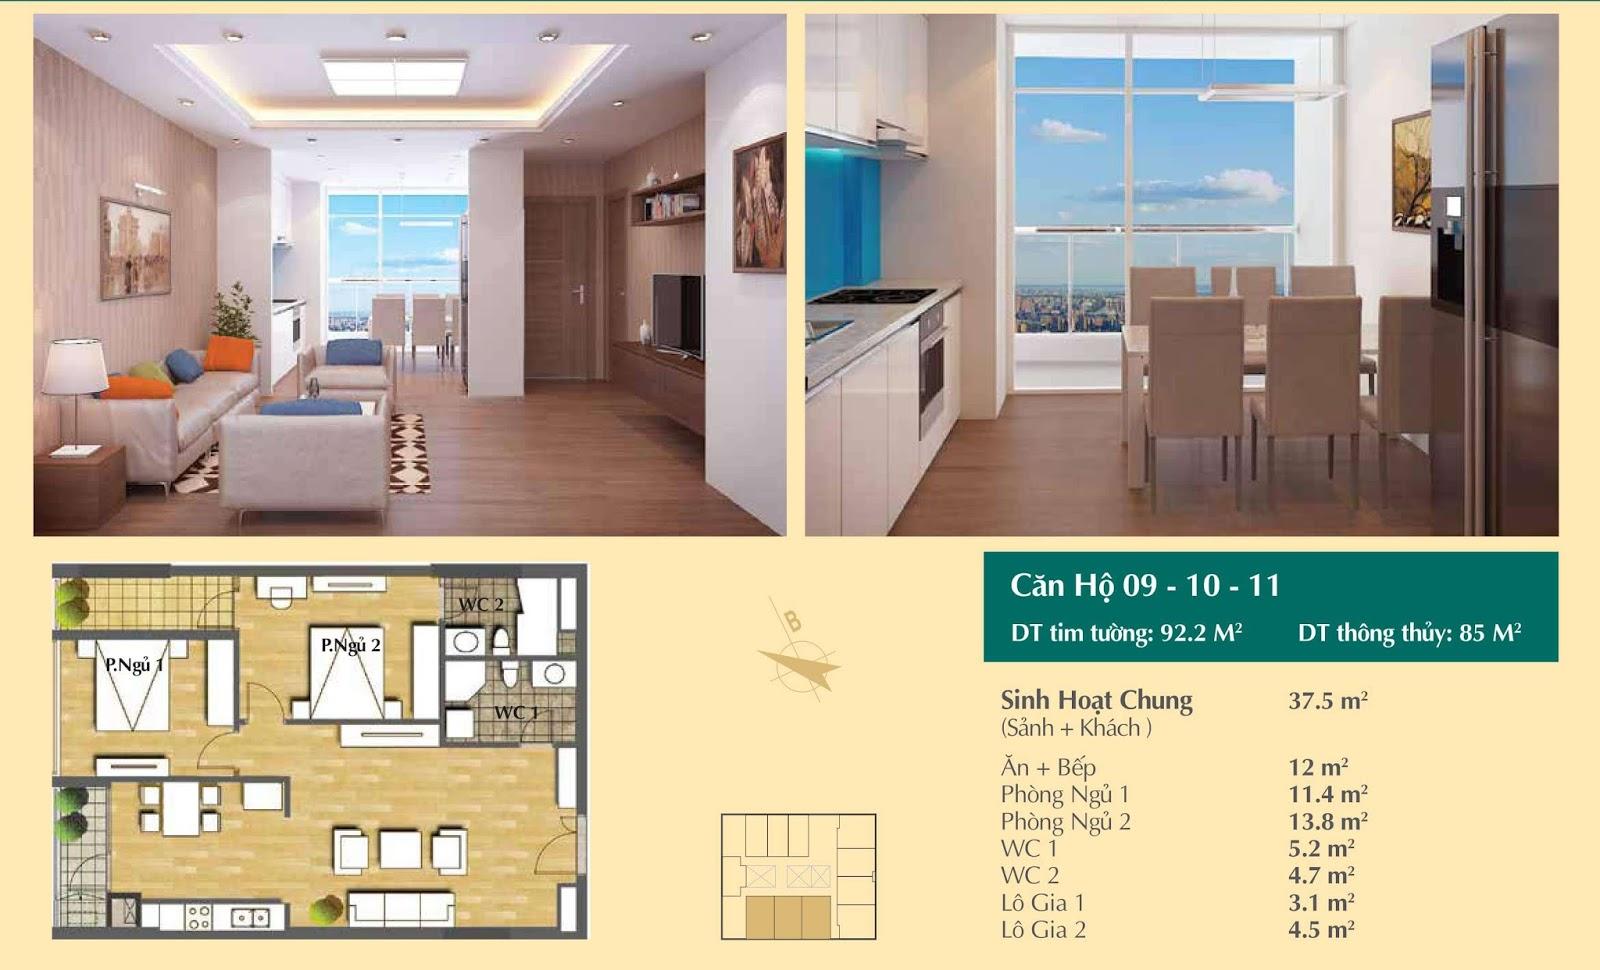 Thiết kế căn hộ số 09, 10, 11 - 92,2m2 Hoàng Cầu Skyline